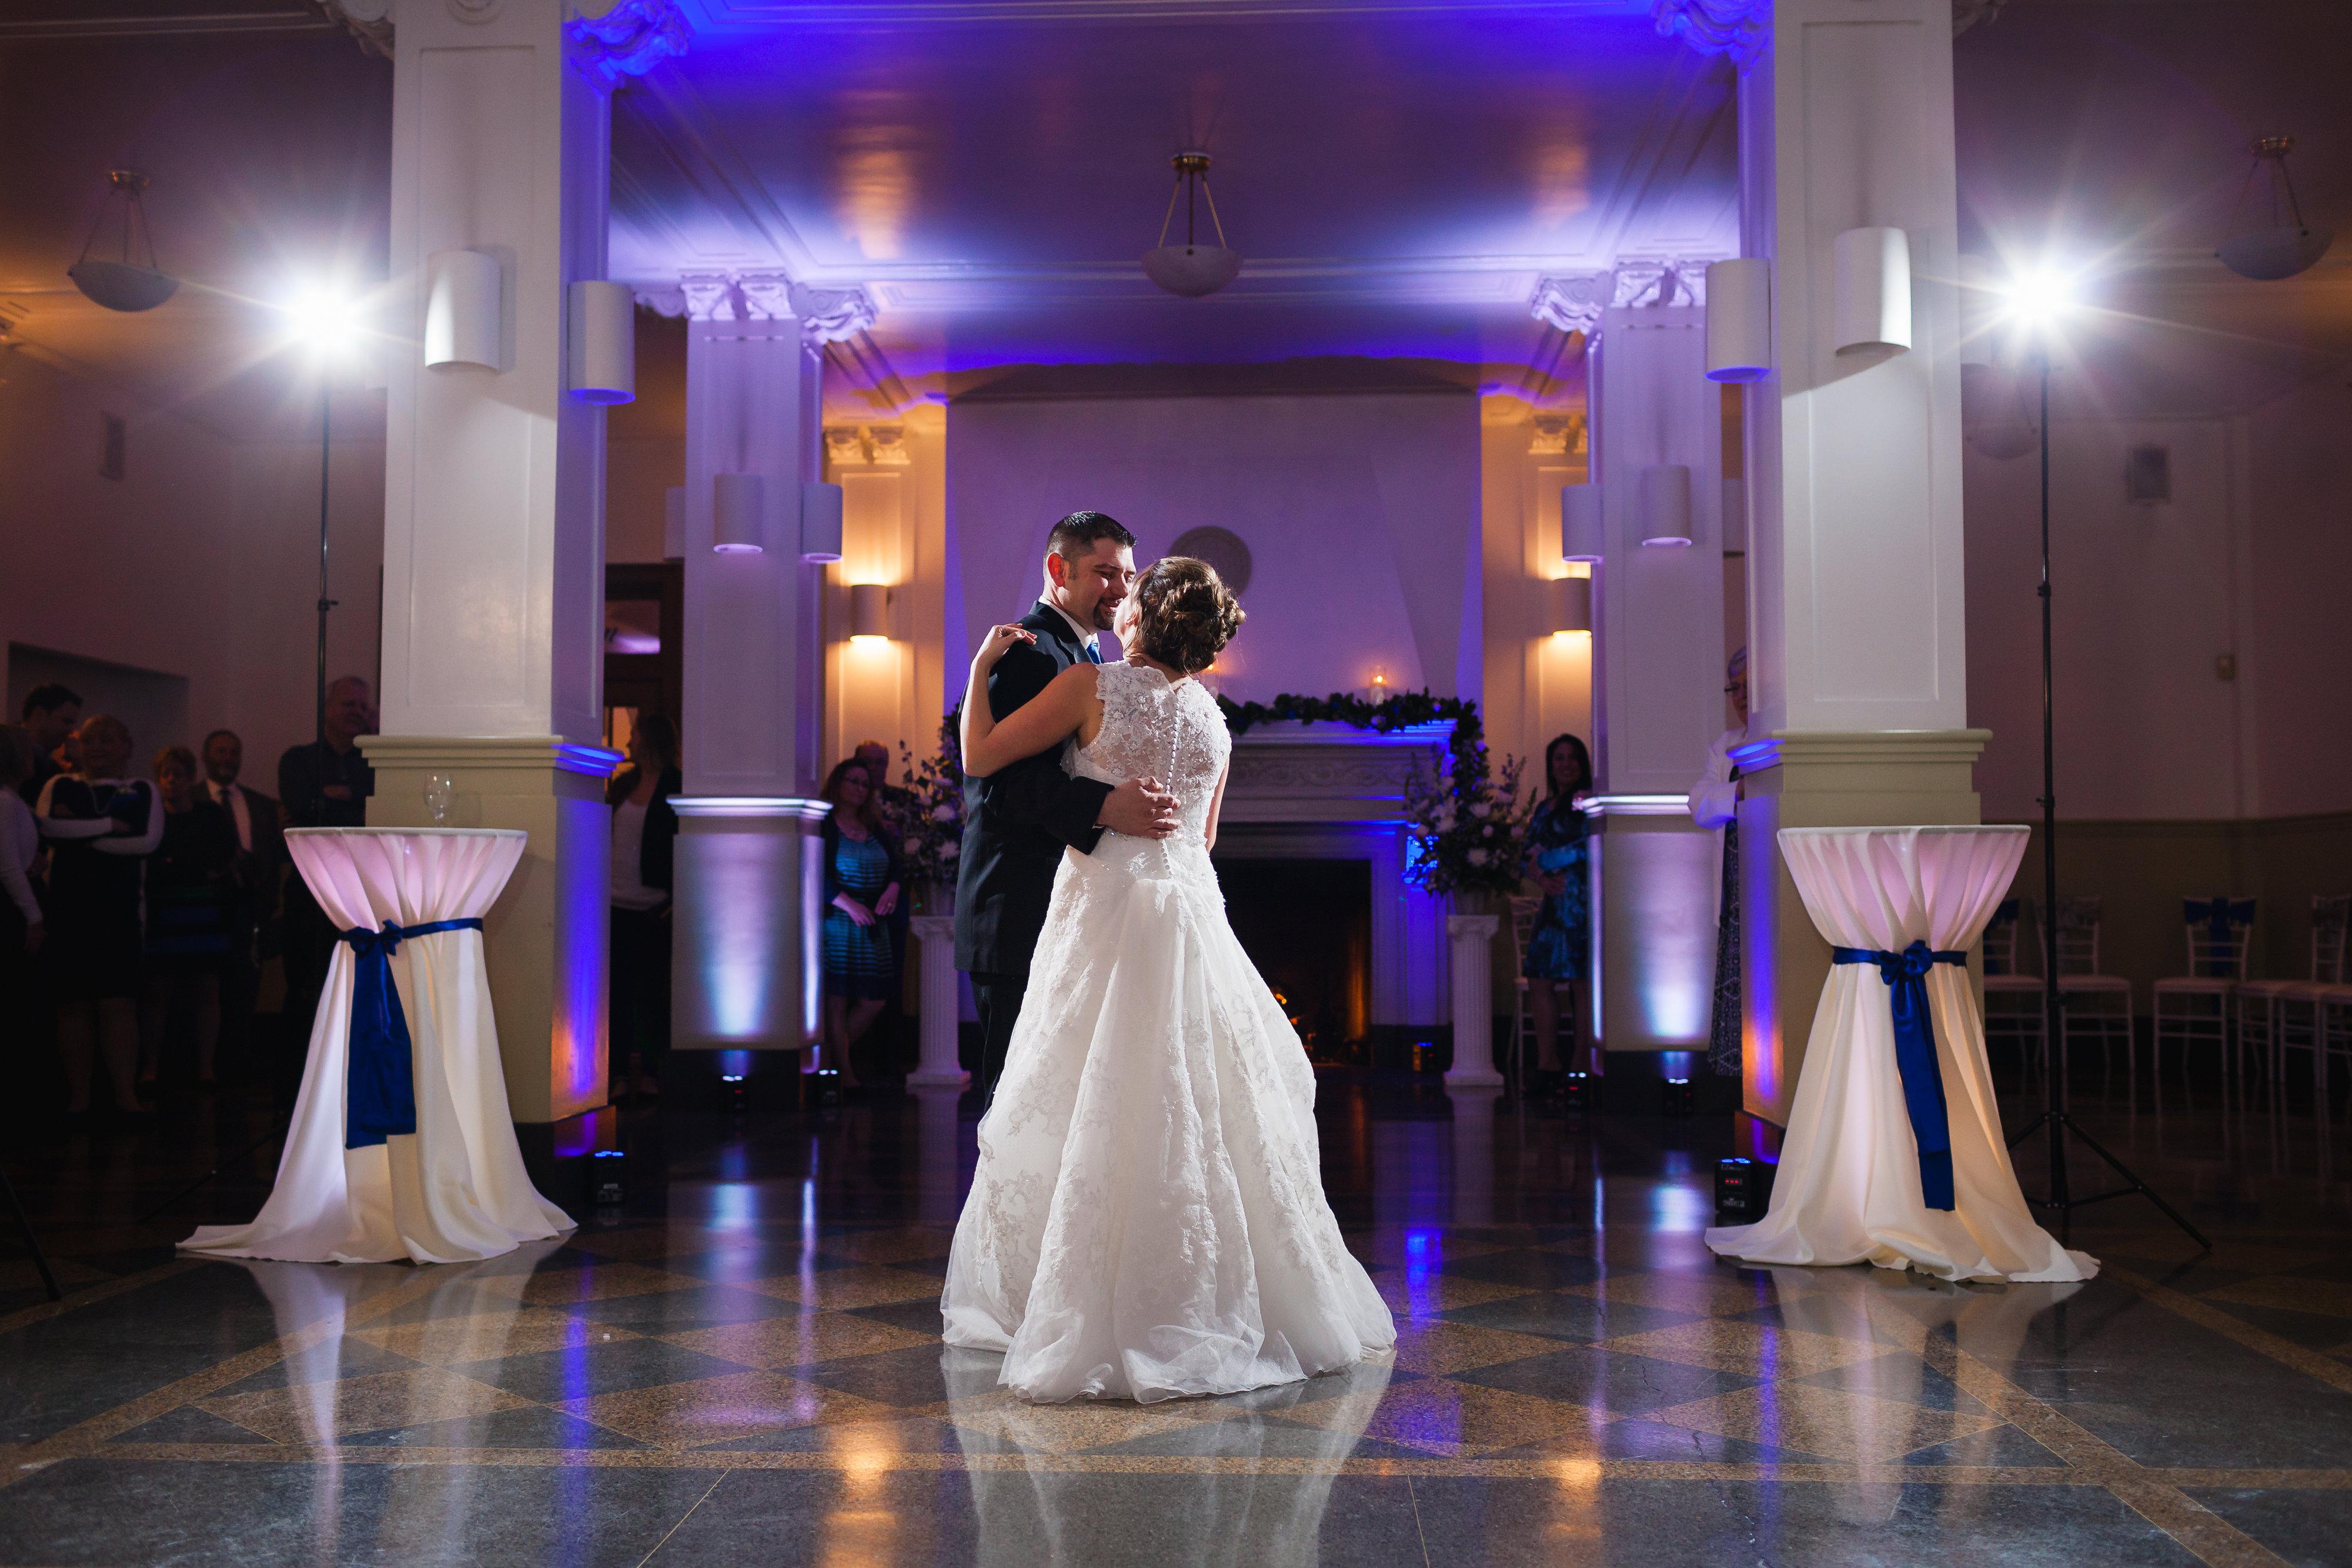 Monte Cristo ballroom